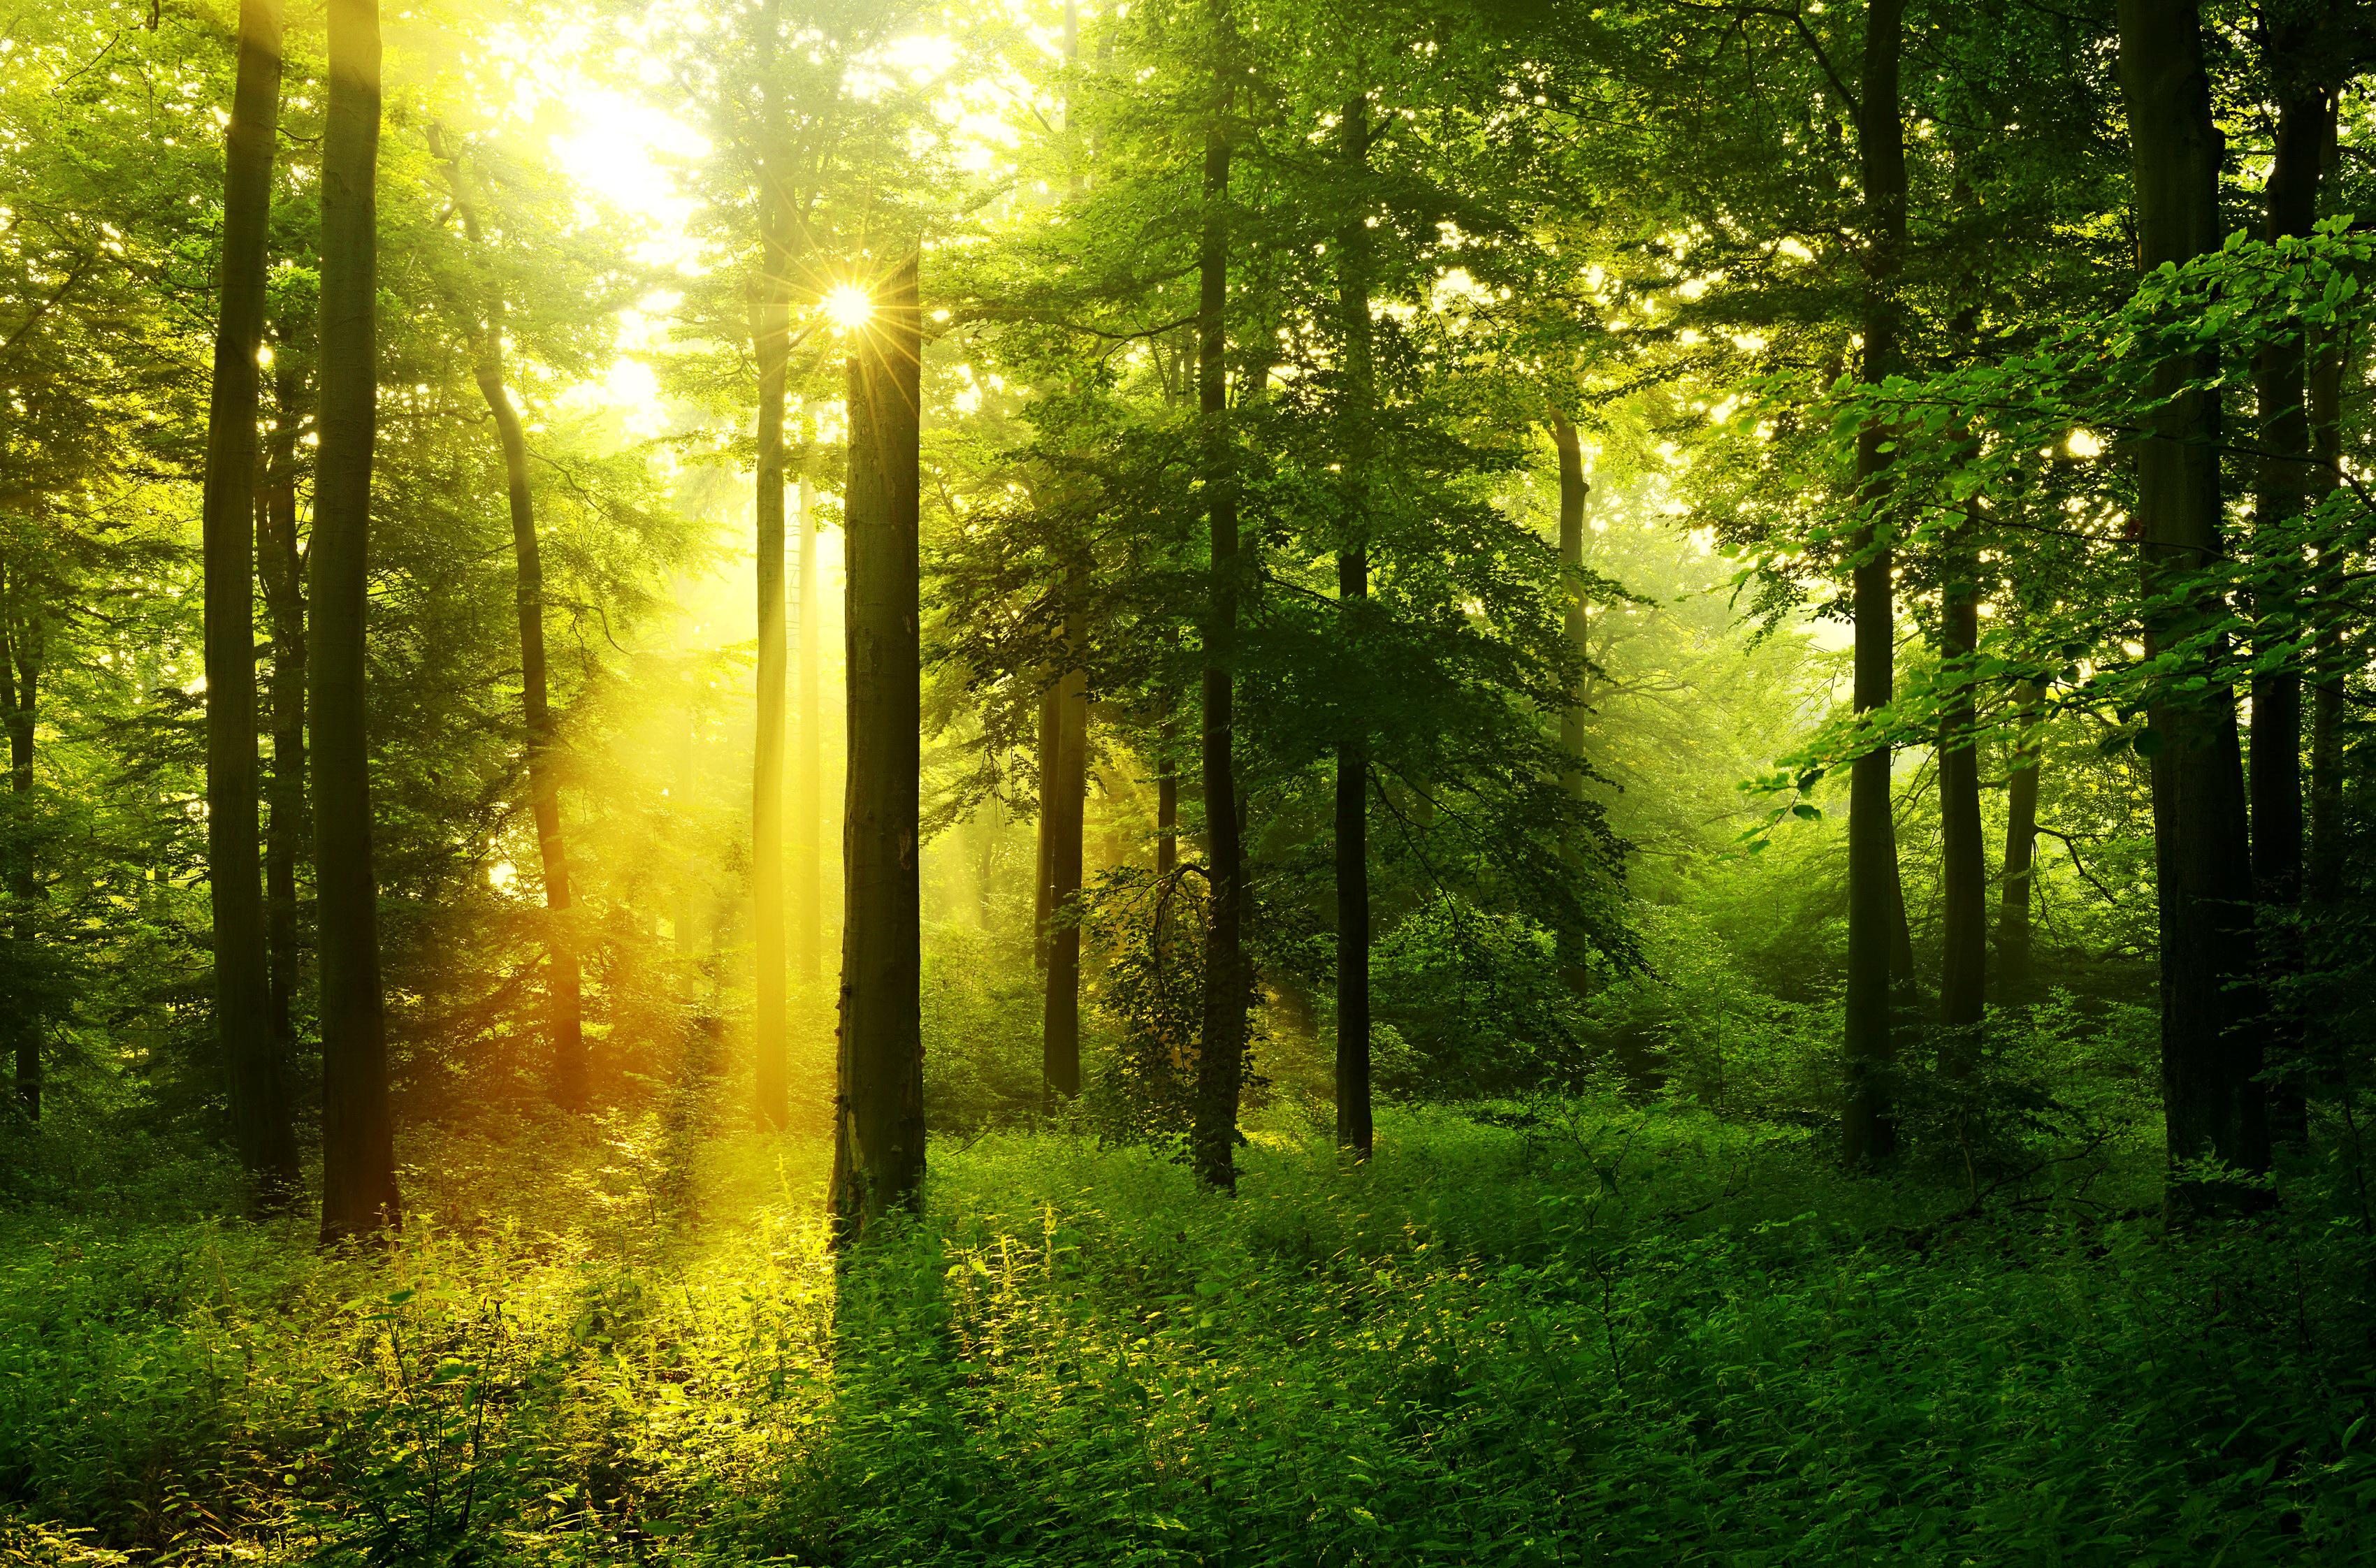 лес деревья солнечные лучи  № 917551 загрузить